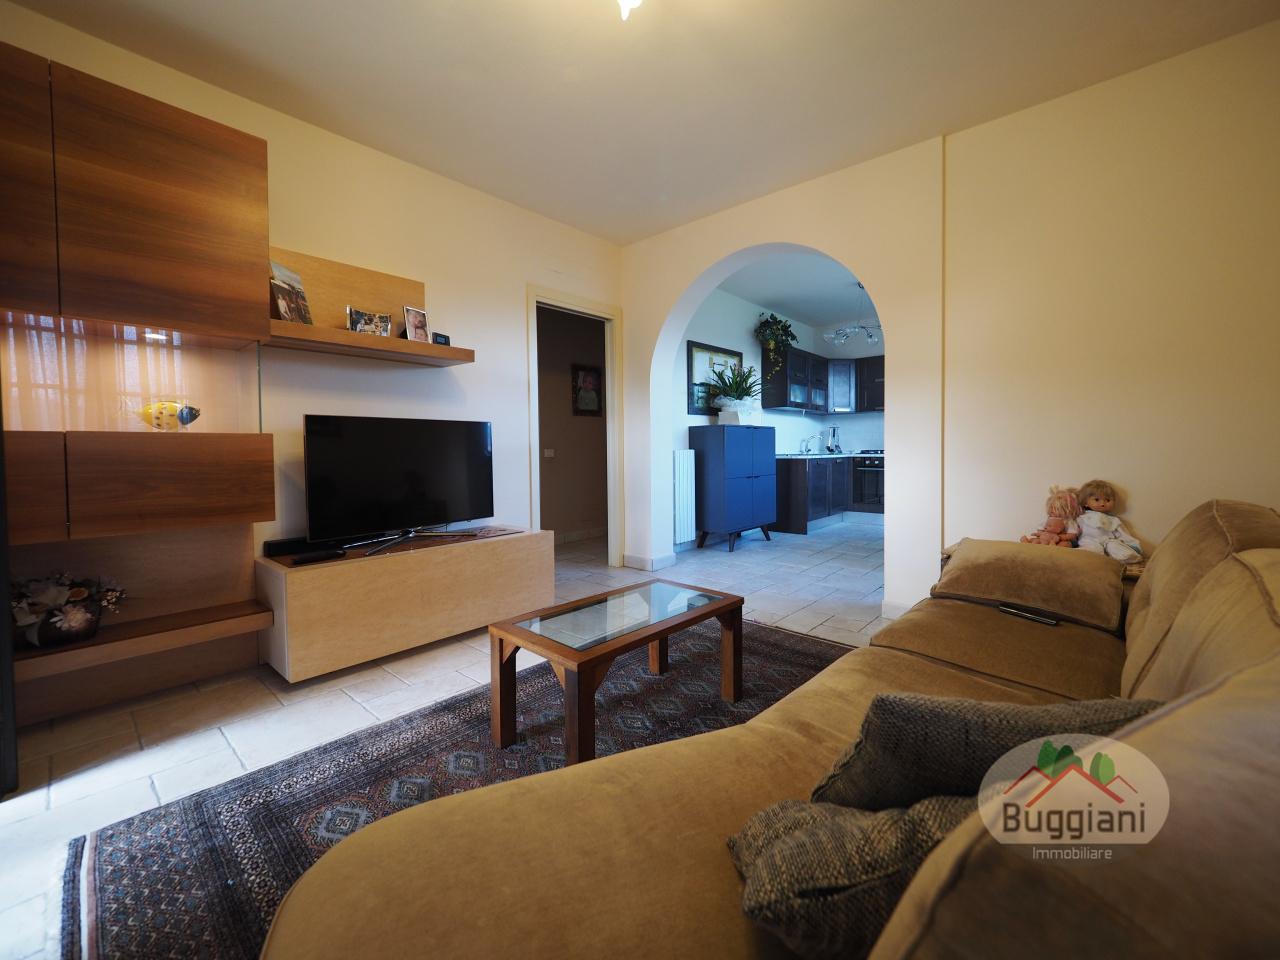 Appartamento in vendita RIF. 1854, San Miniato (PI)